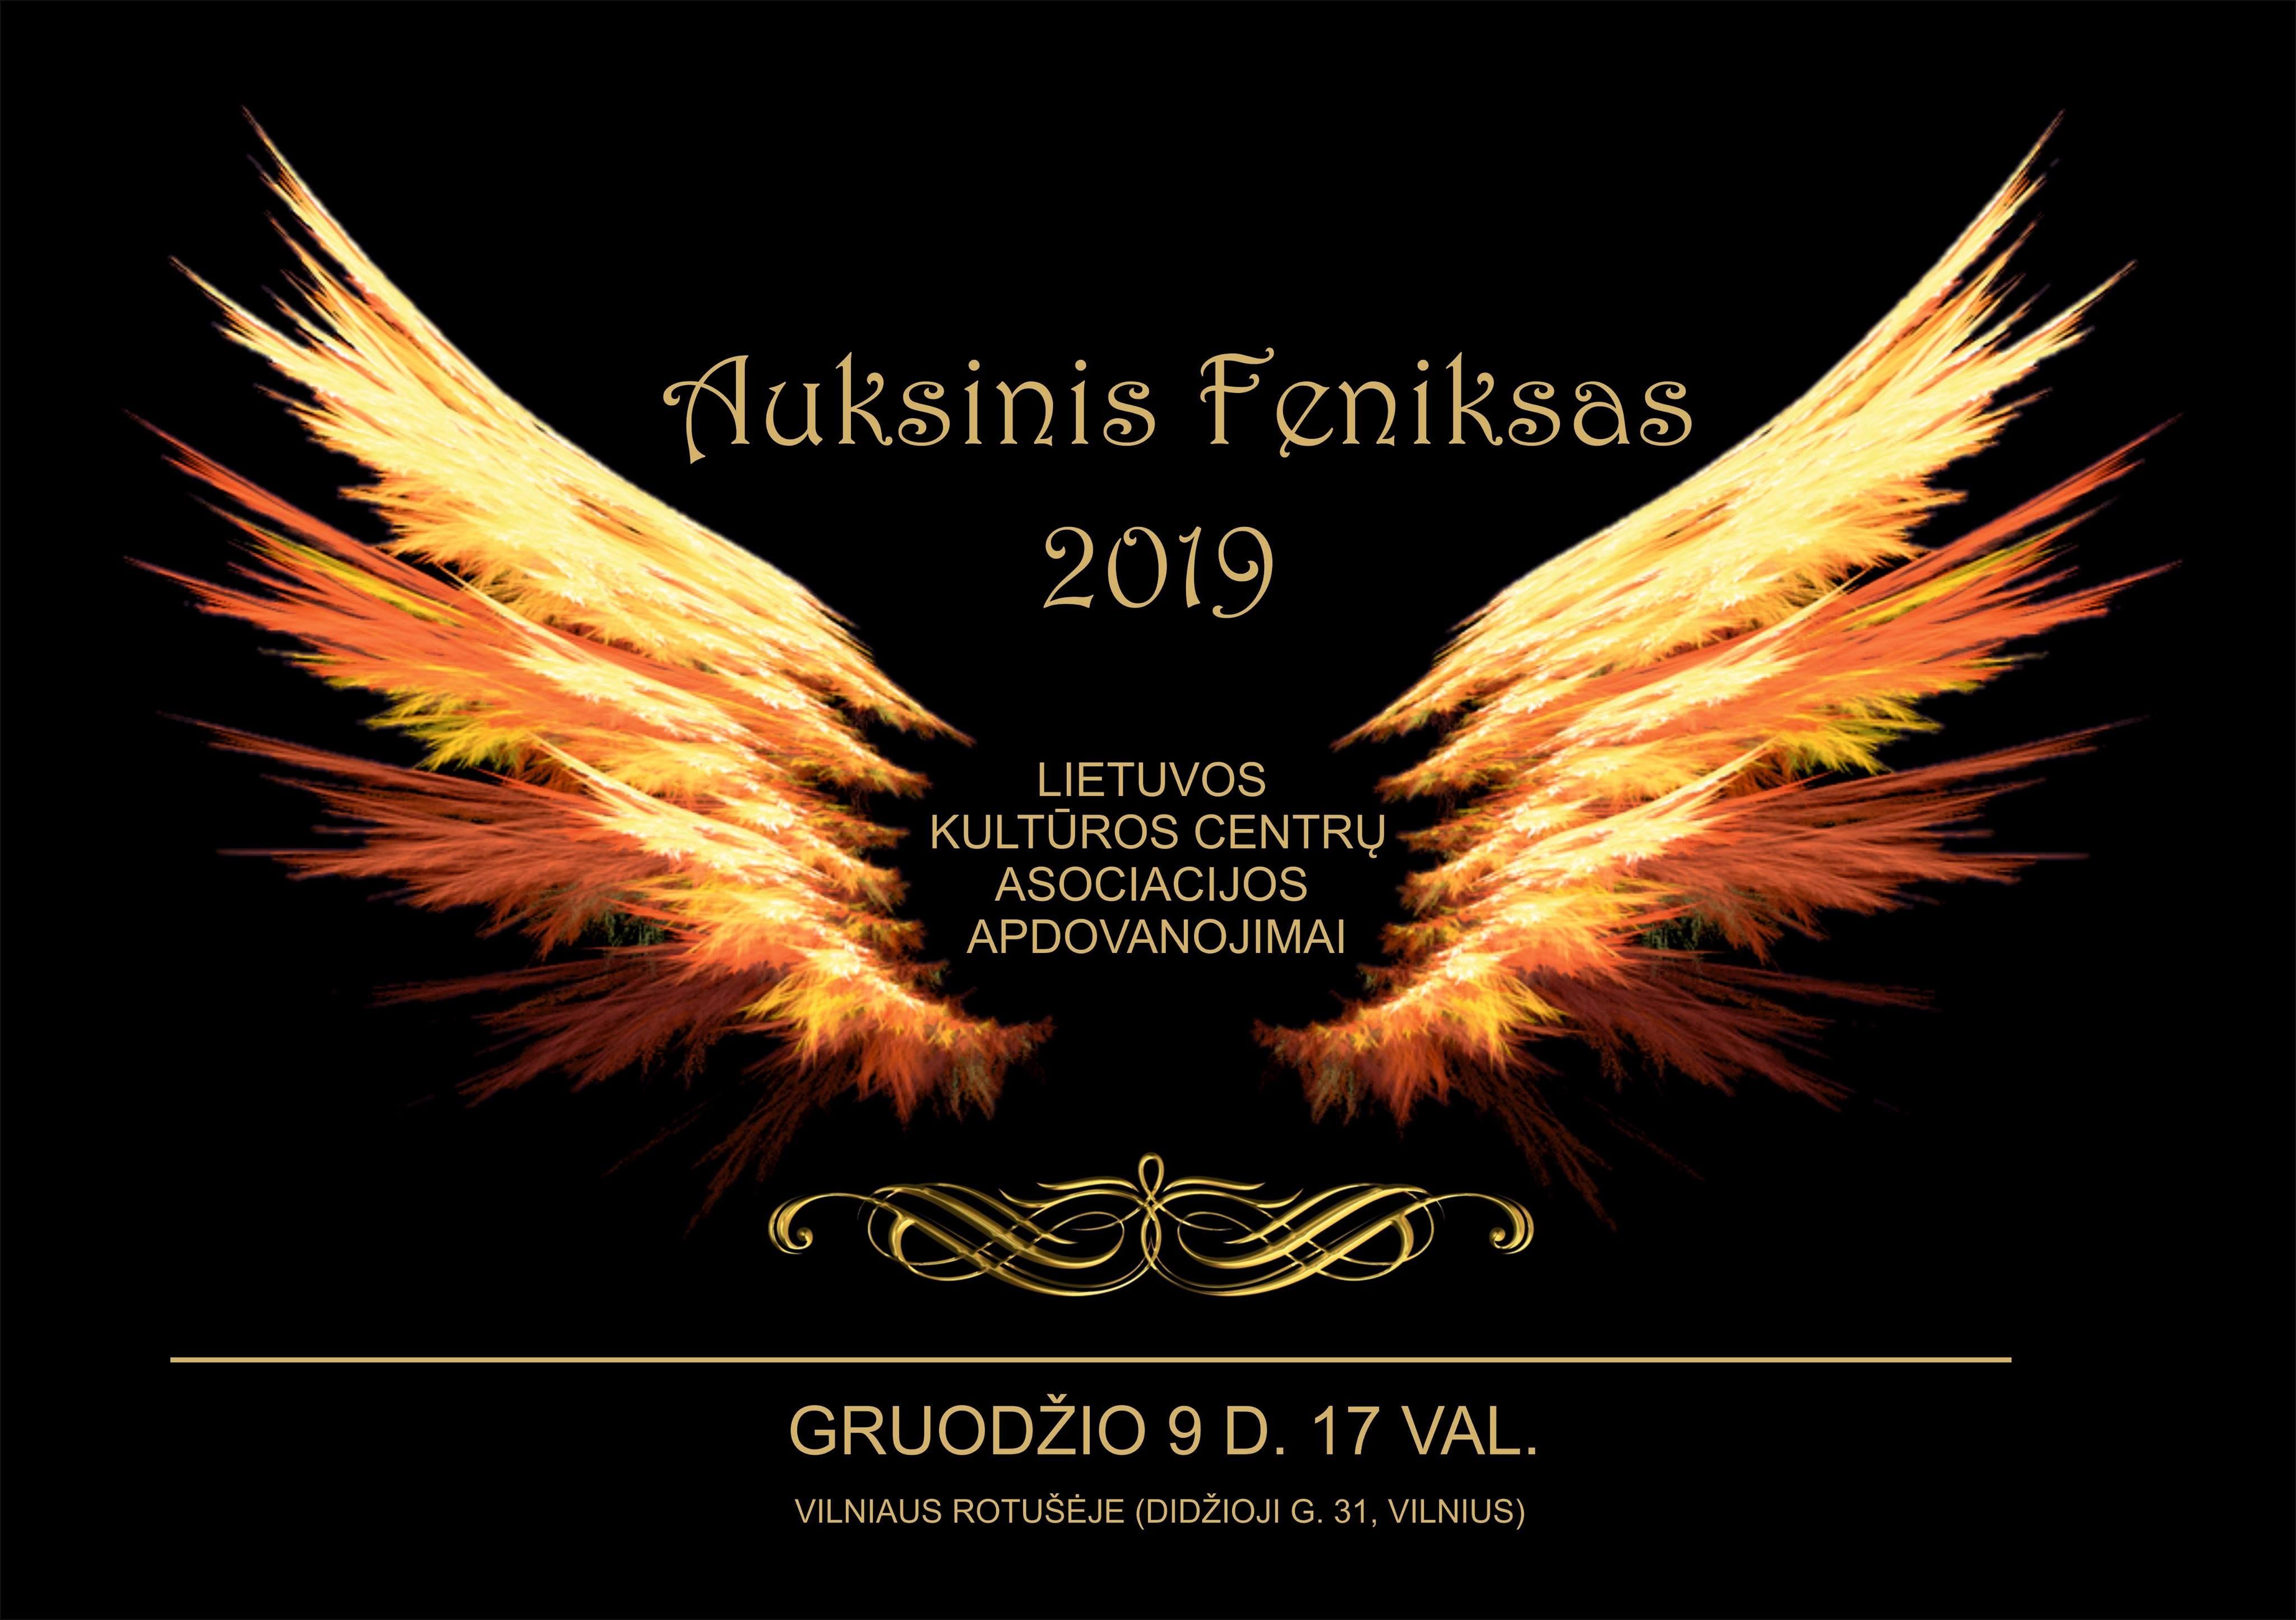 """Iškilmingai bus įteikti ypatingieji Lietuvos kultūros centrų asociacijos apdovanojimai                                                              """"Auksinis feniksas"""""""